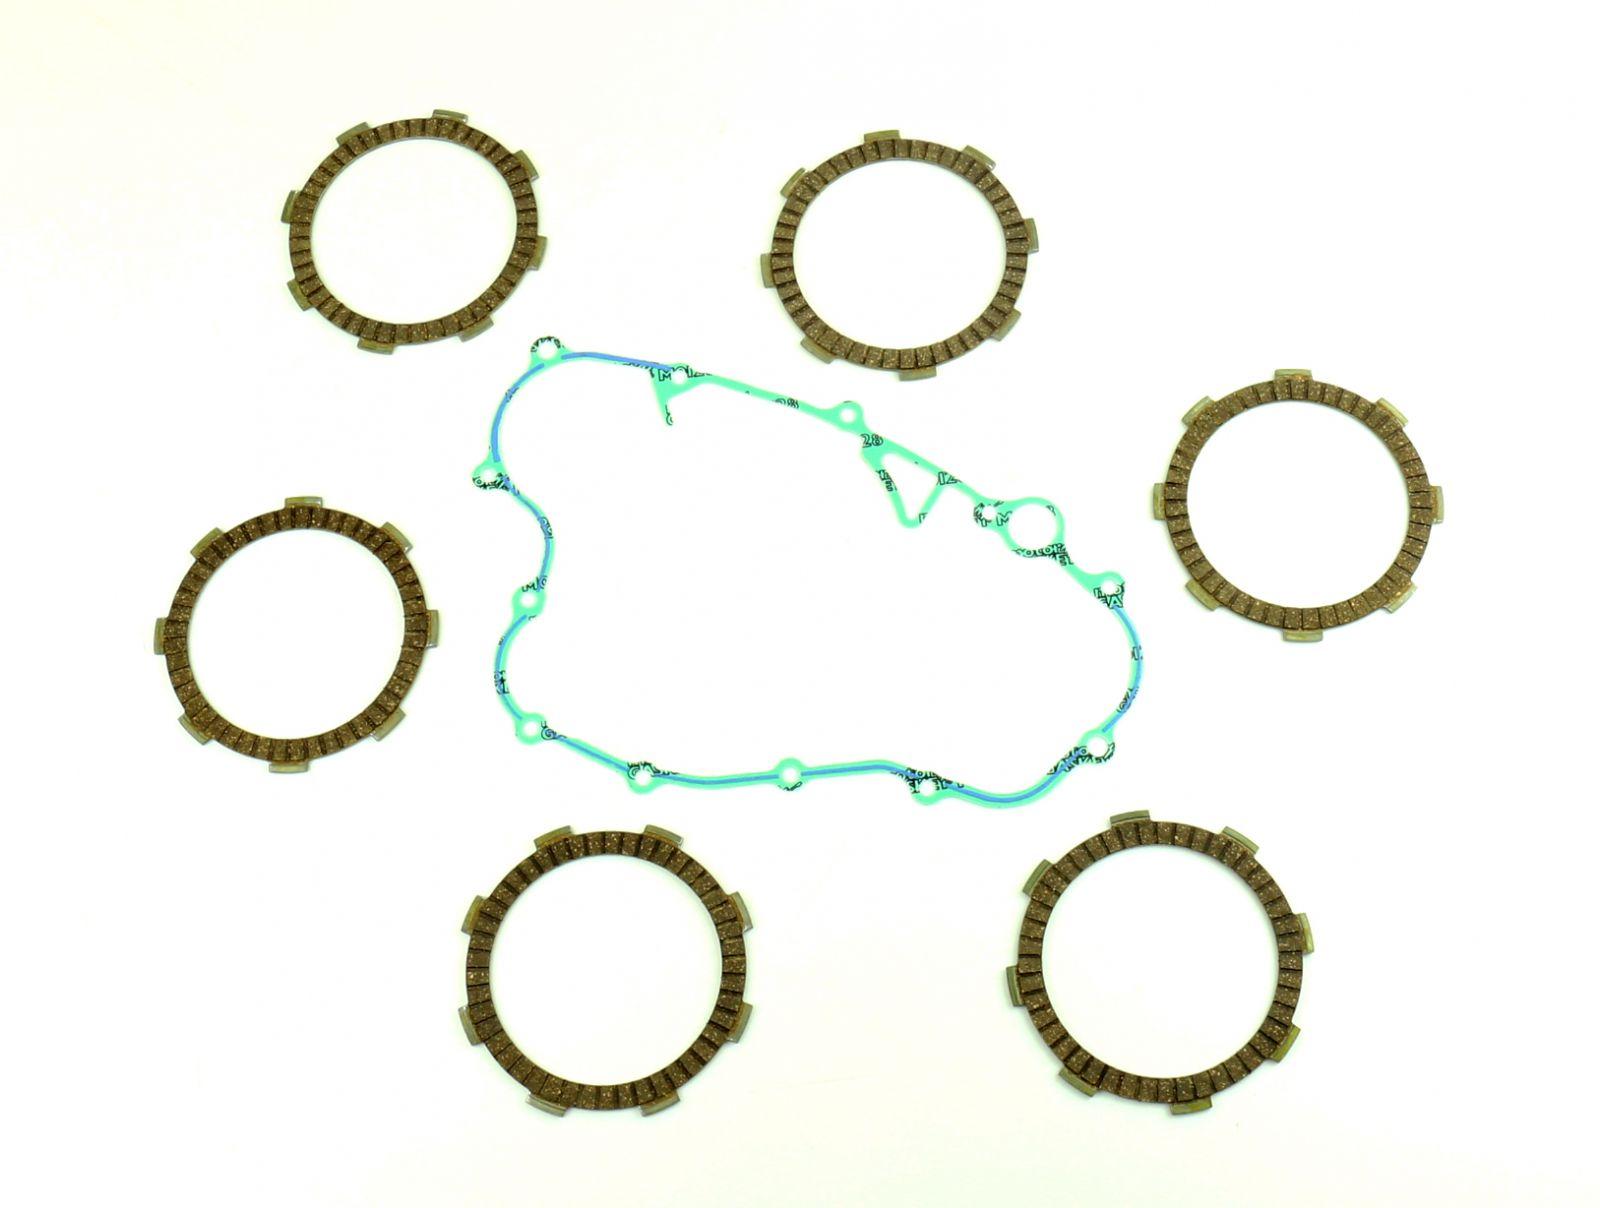 Athena Clutch Plate Kits - 307138A image